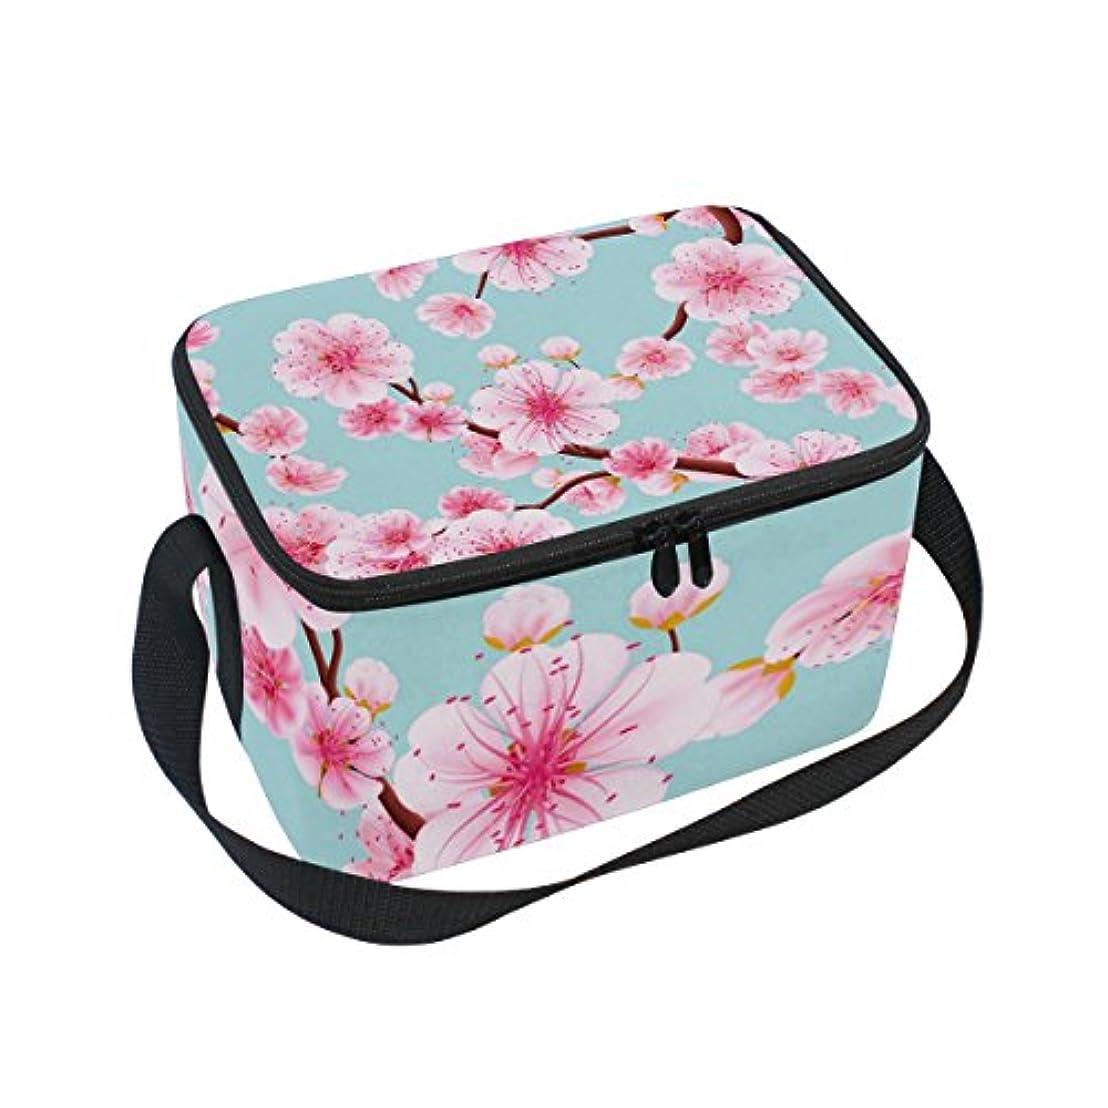 枝はいあごクーラーバッグ クーラーボックス ソフトクーラ 冷蔵ボックス キャンプ用品 梅の花 ピンク 保冷保温 大容量 肩掛け お花見 アウトドア